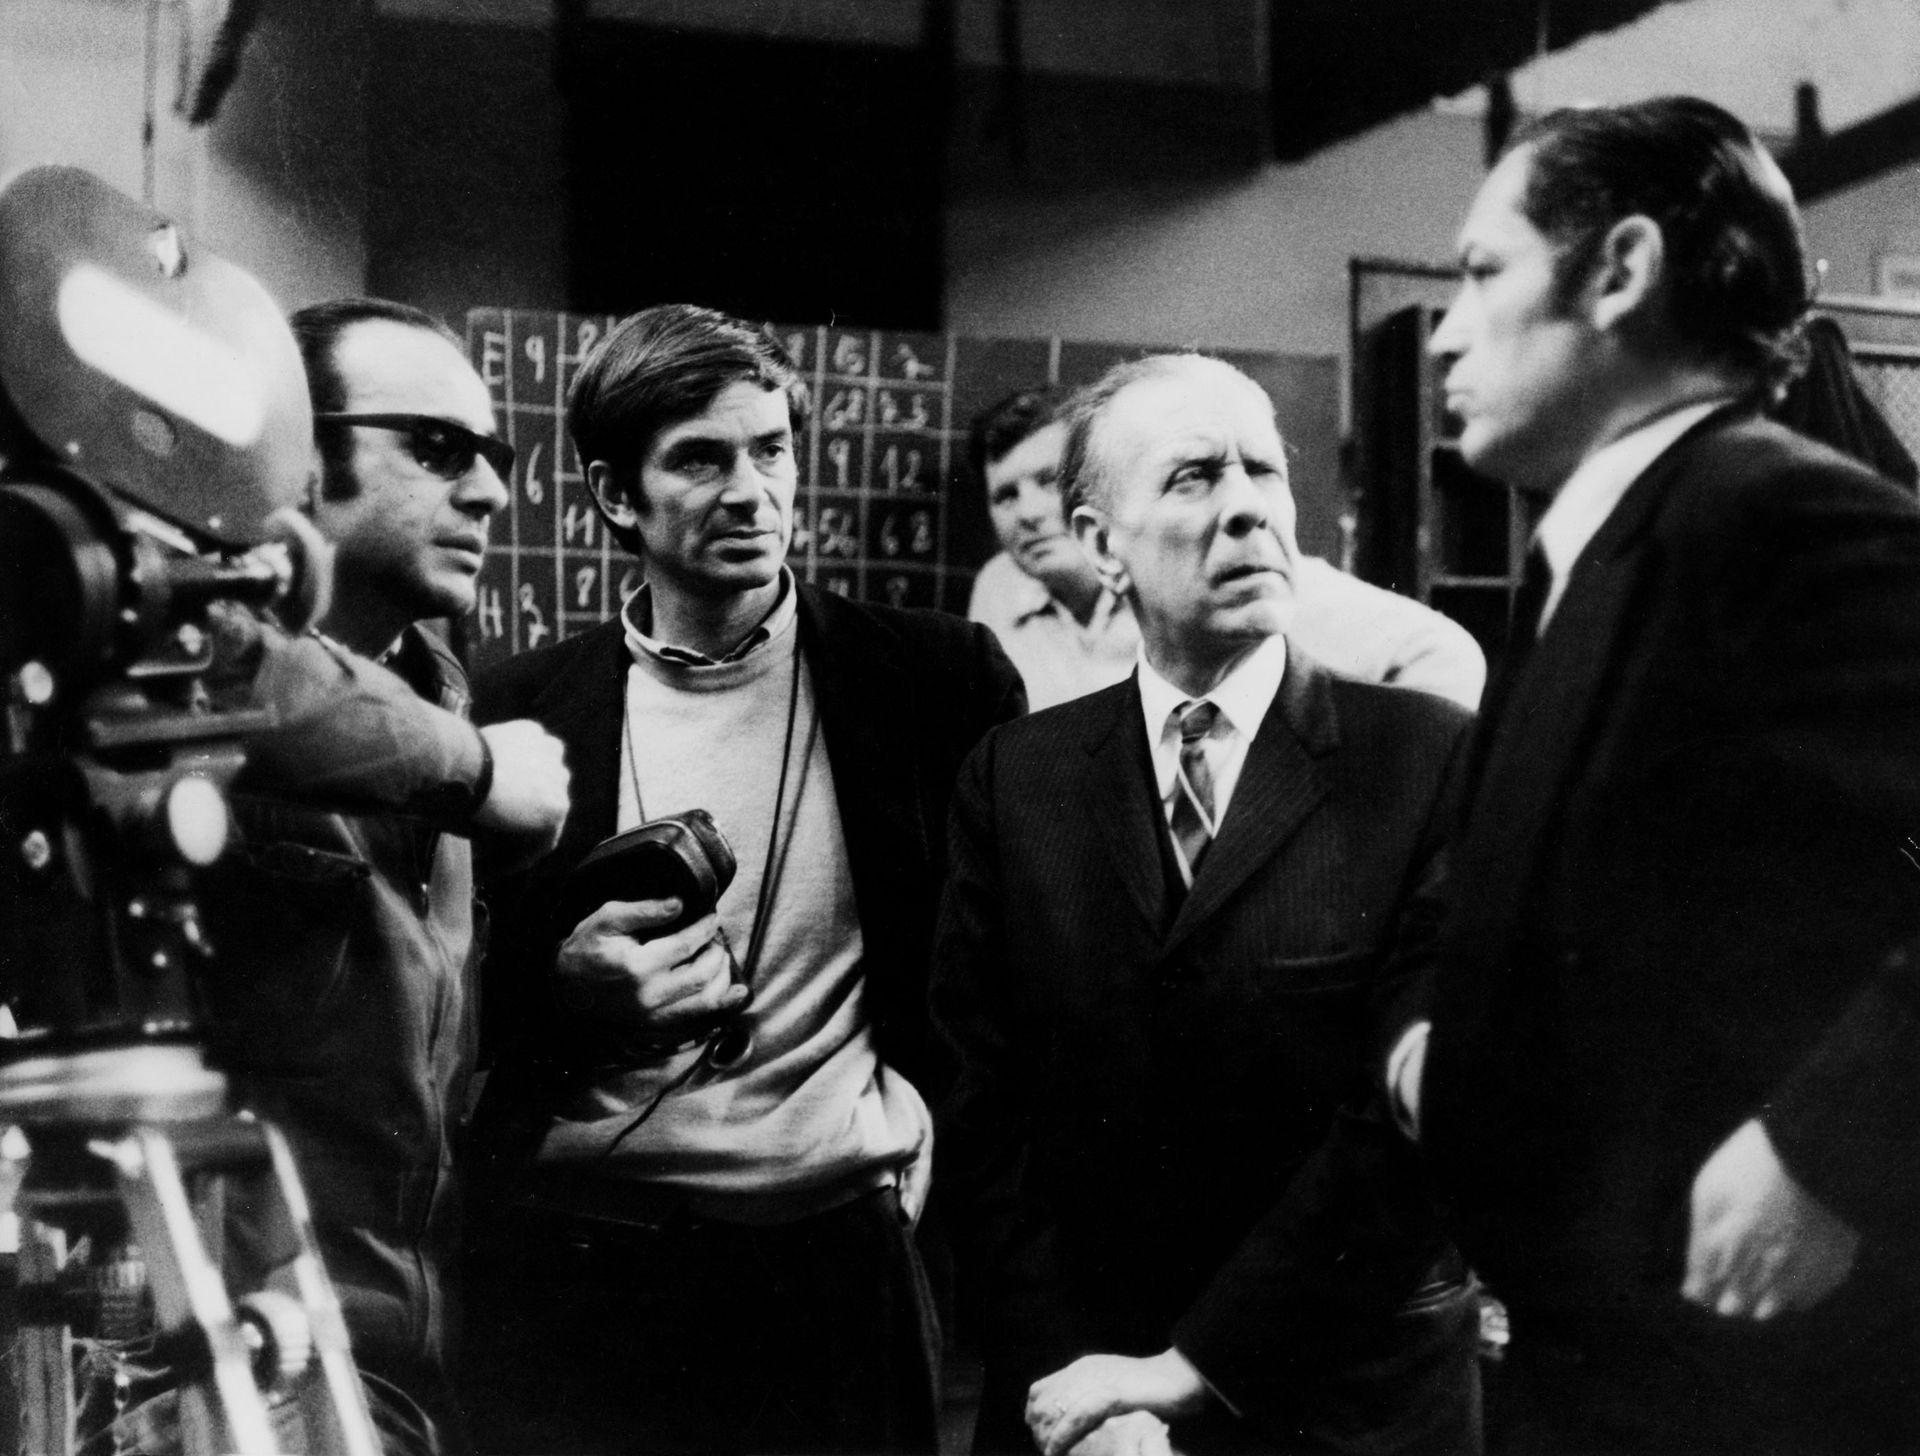 El rodaje de Invasión (1969), con guion de Jorge Luis Borges y Adolfo Bioy Casares, y dirección de Hugo Santiago